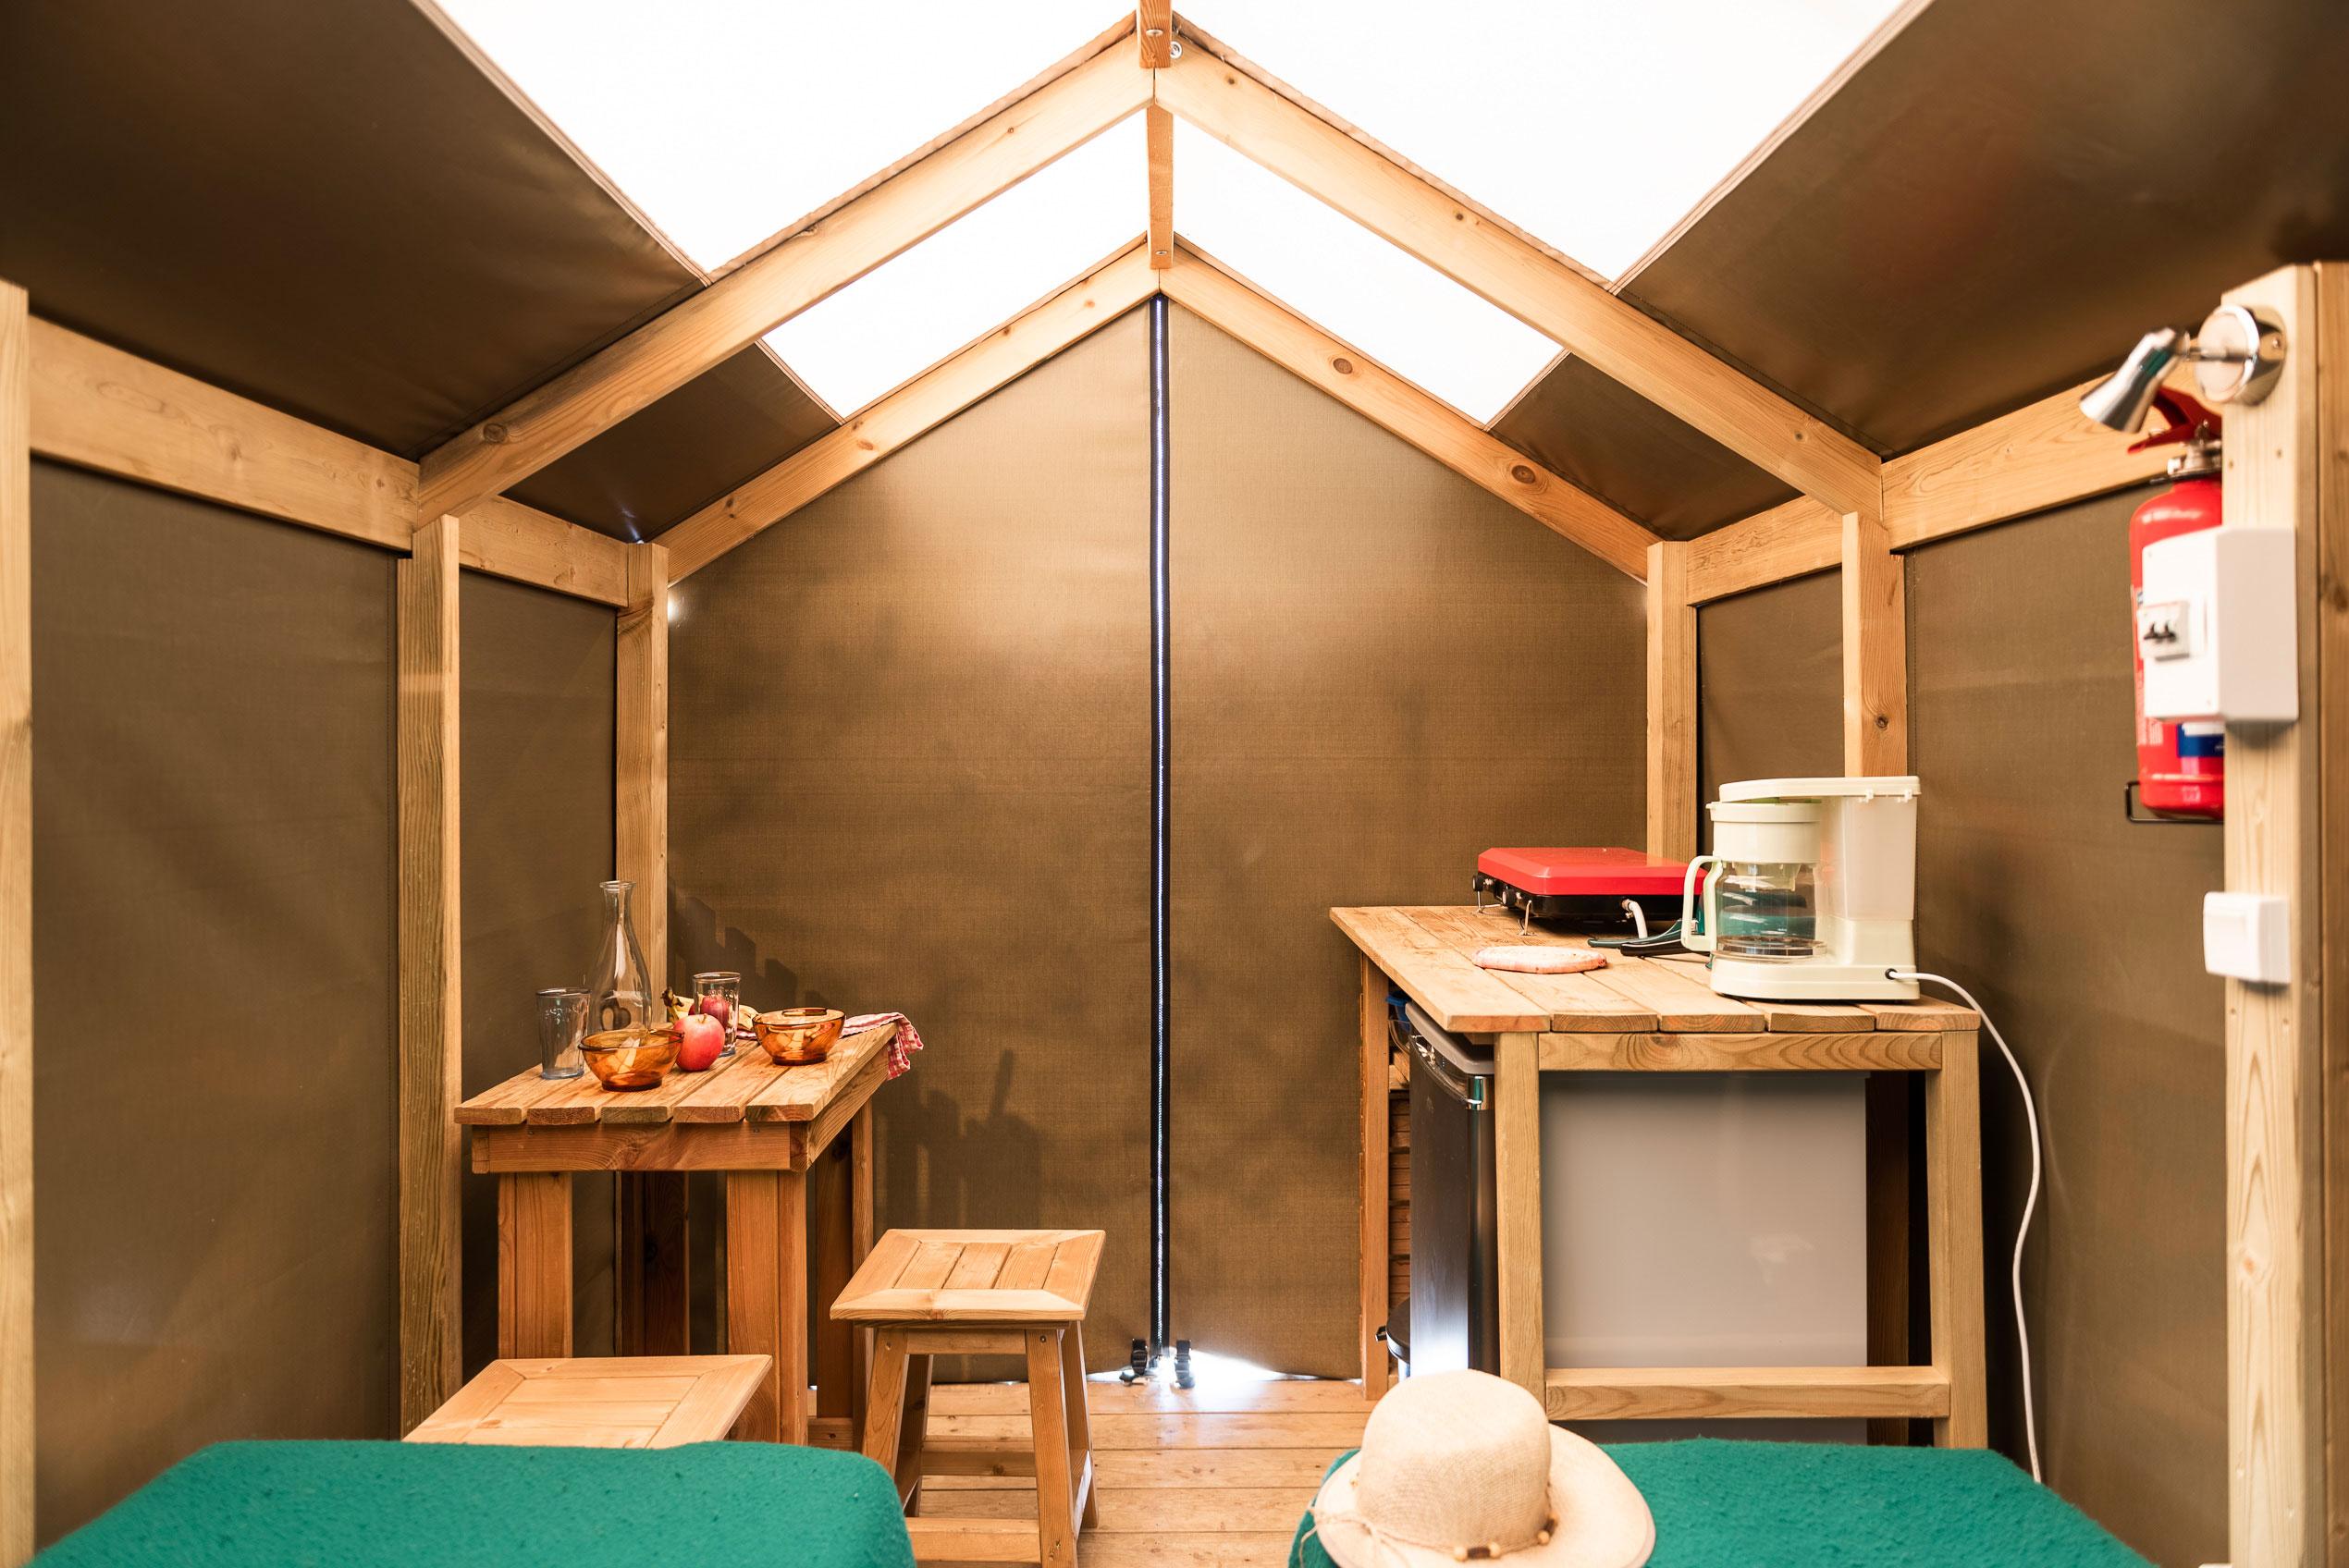 galerie-photos-camping-avec-tente-lodge-2-pers-interieur-camping-le-port-de-moricq